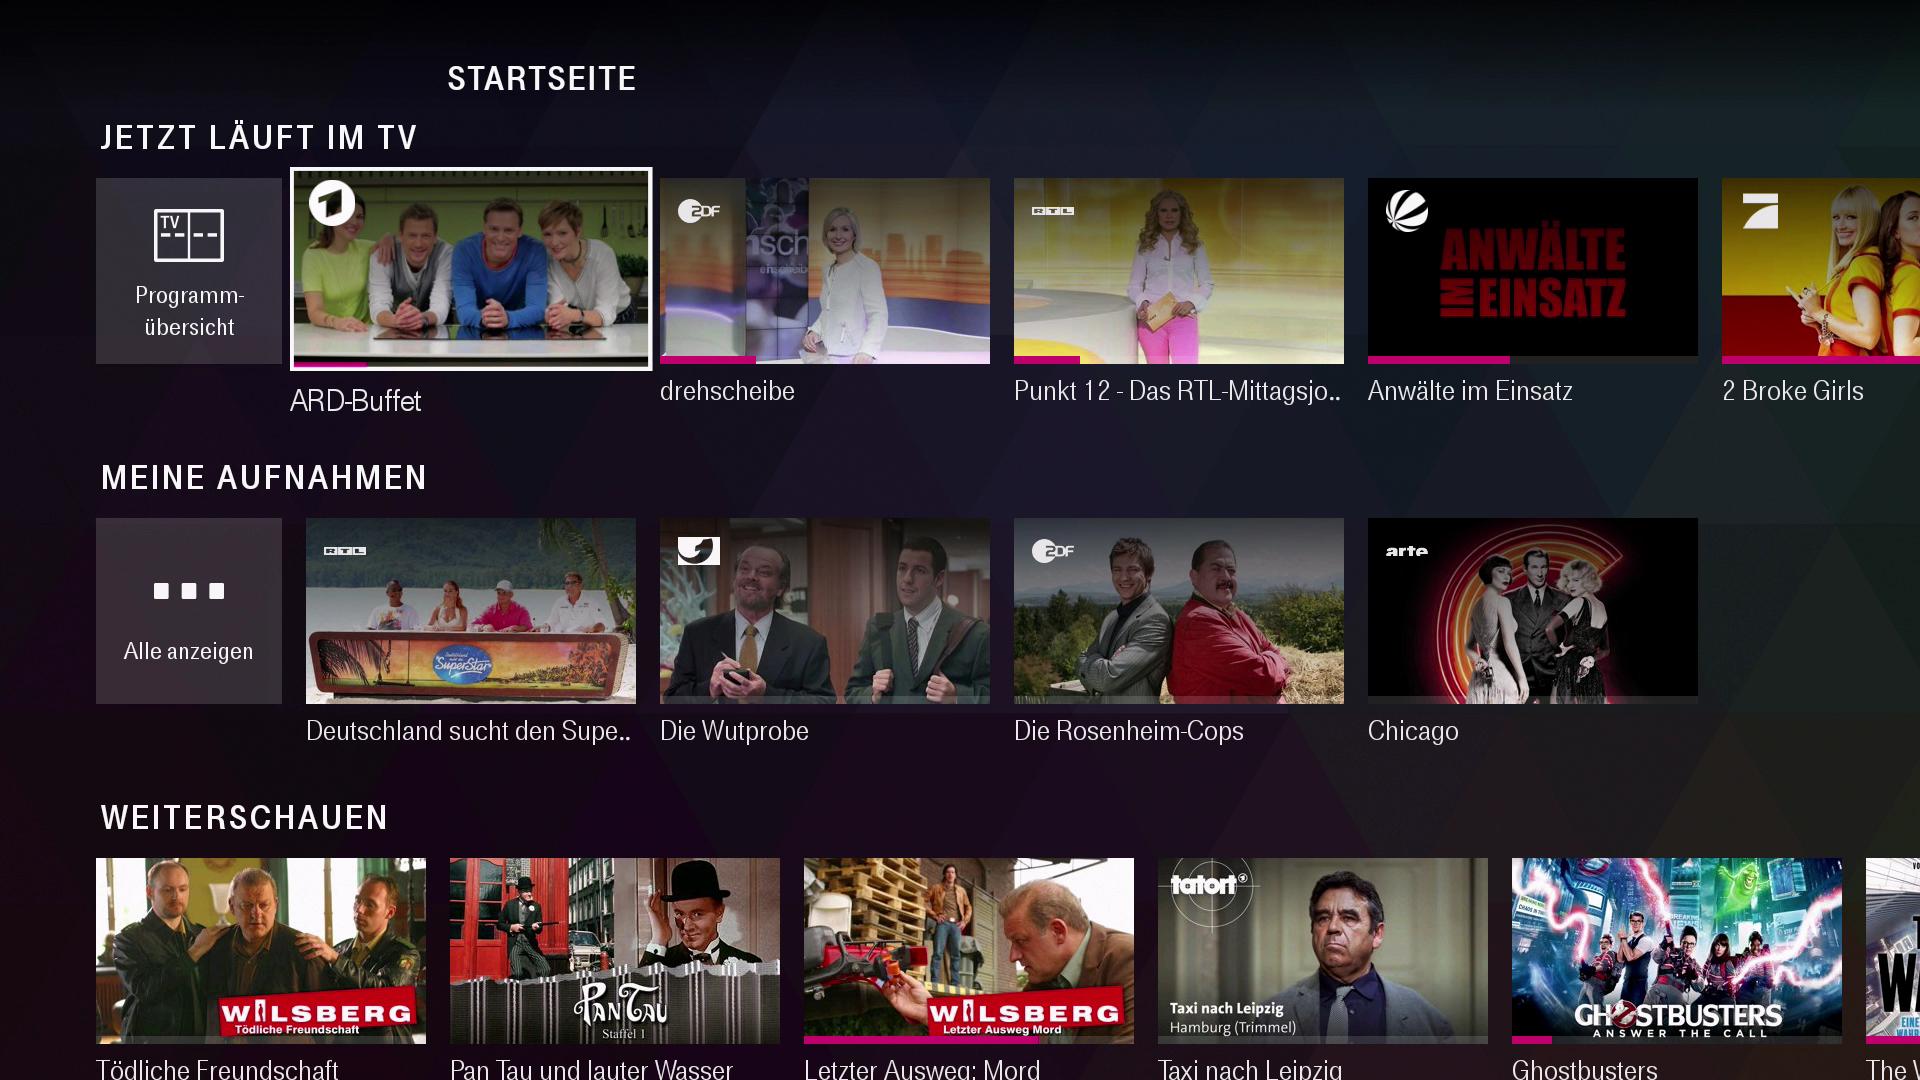 Verkauf des Magenta-TV-Stick: Magenta TV und Disney+ jeweils drei Monate kostenlos - Auf der Startseite von Magenta TV befinden sich die letzten Aufnahmen sowie die zuletzt angesehenen Inhalte. (Bild: Ingo Pakalski/Golem.de)